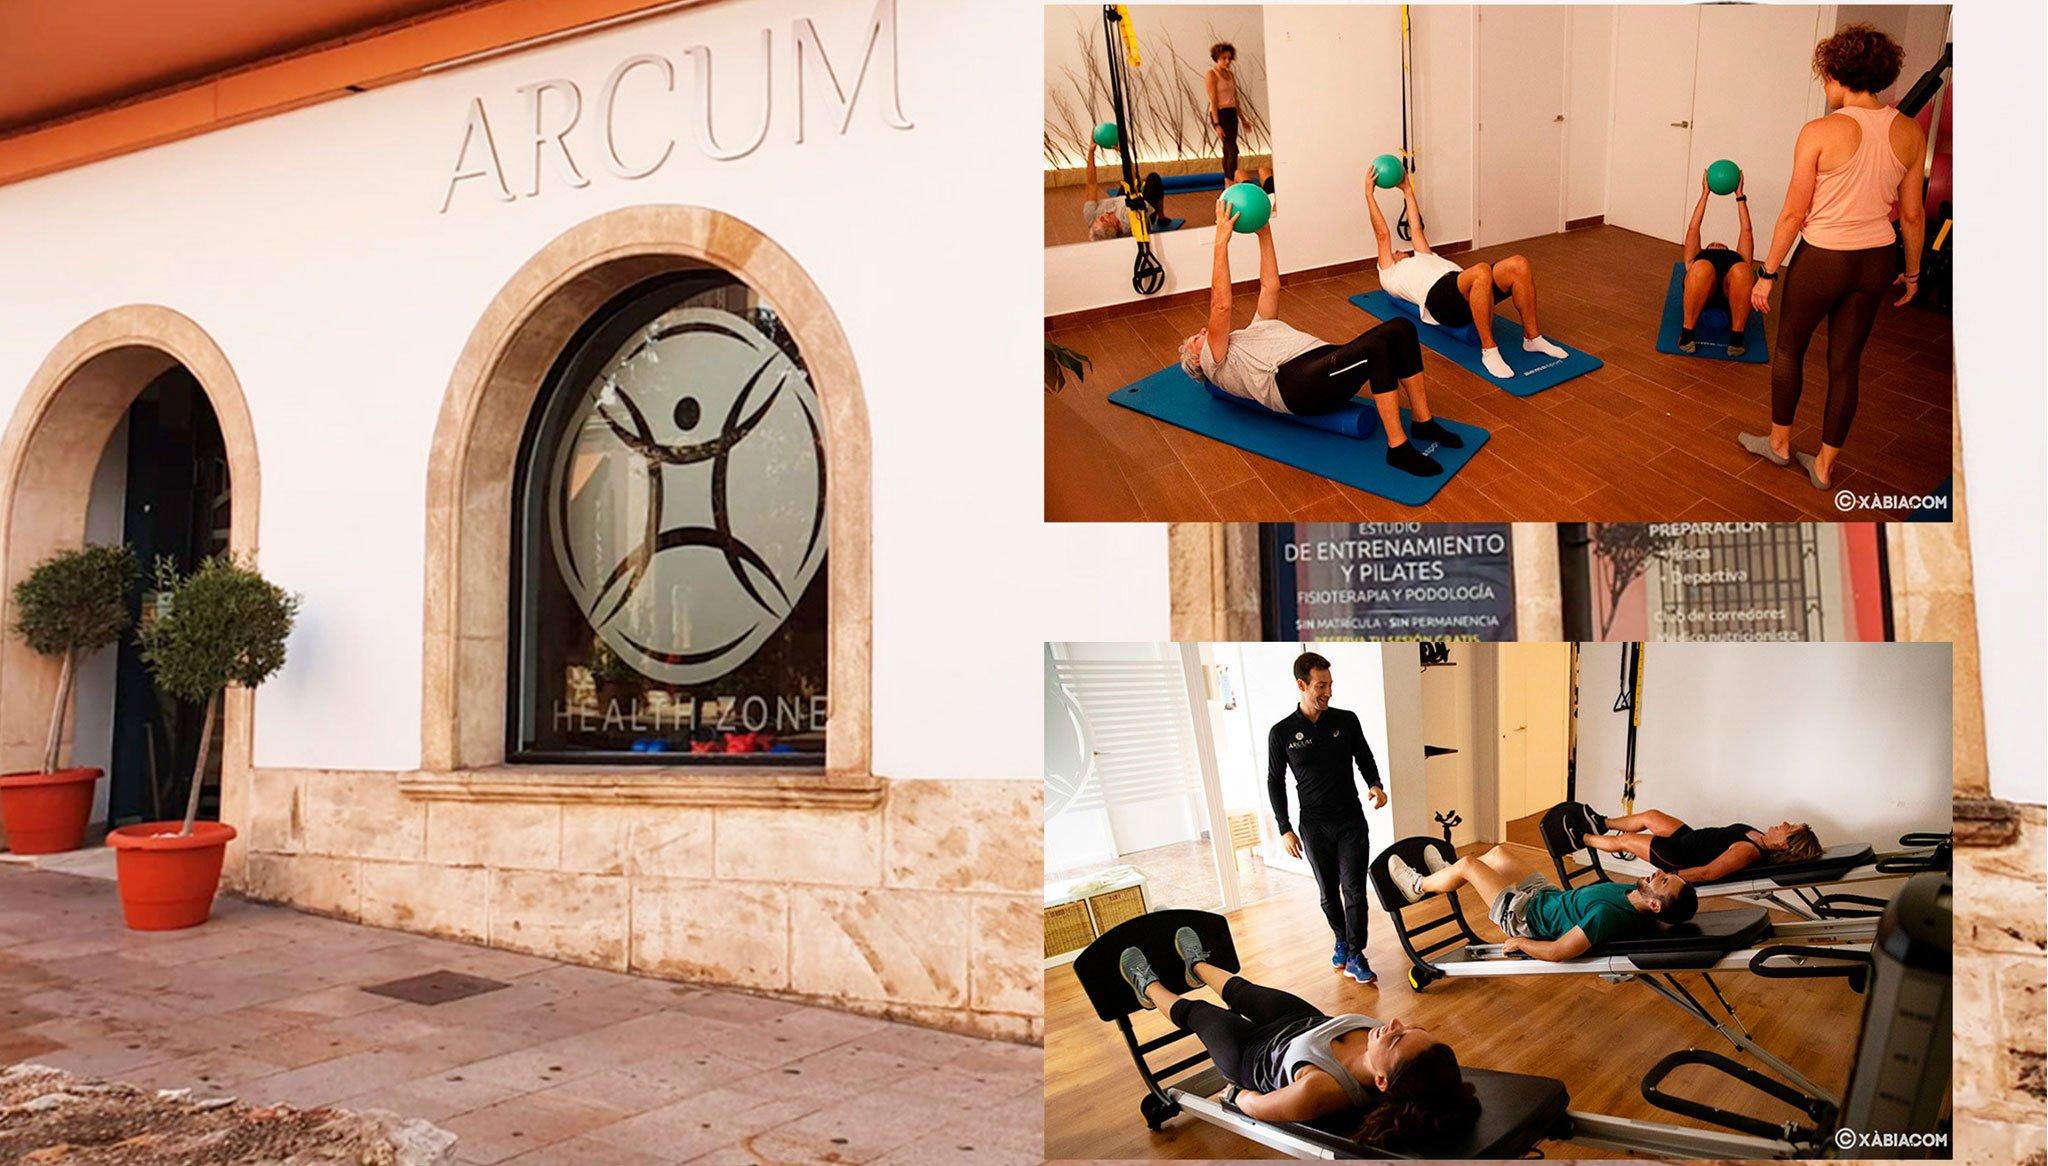 Un vale de pilates o entrenamiento funcional – Arcum Health Zone